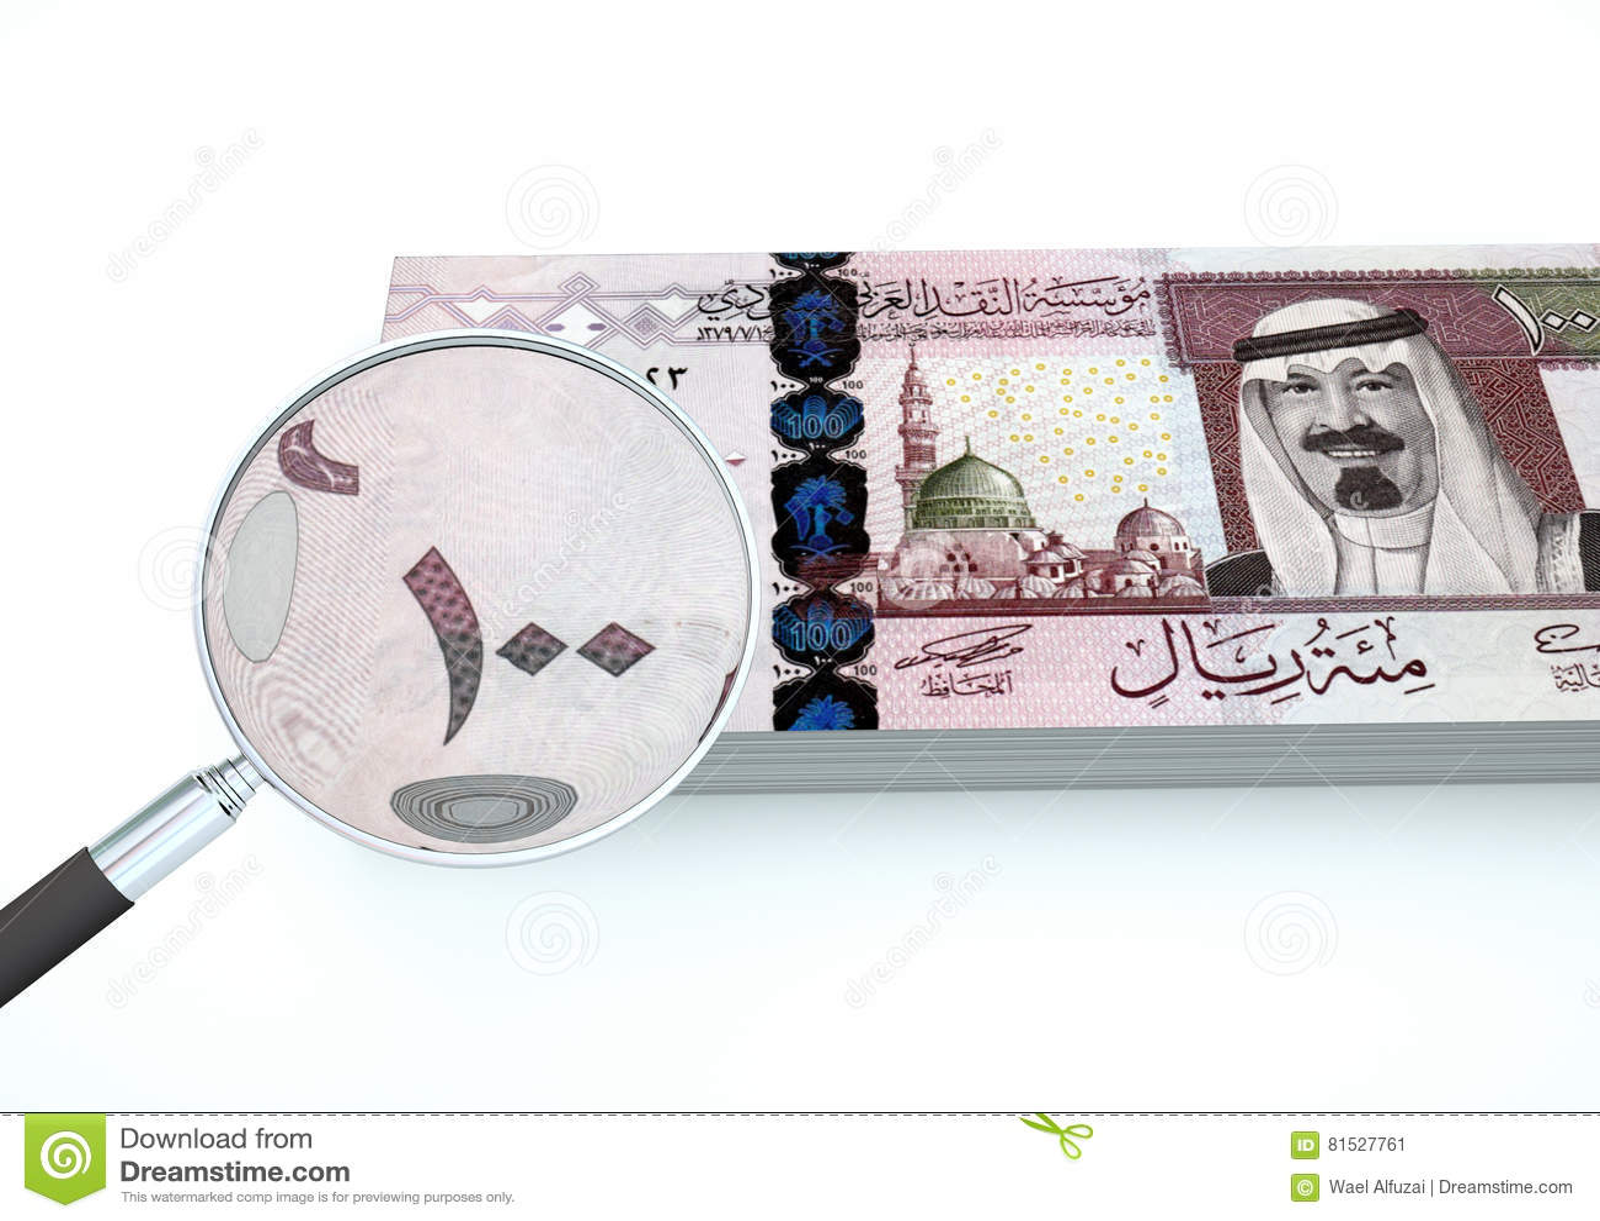 3D übertragenes neues Saudi-Arabien Geld mit dem Vergrößerungsglas forschen Währung lokalisiert auf weißem Hintergrund nach